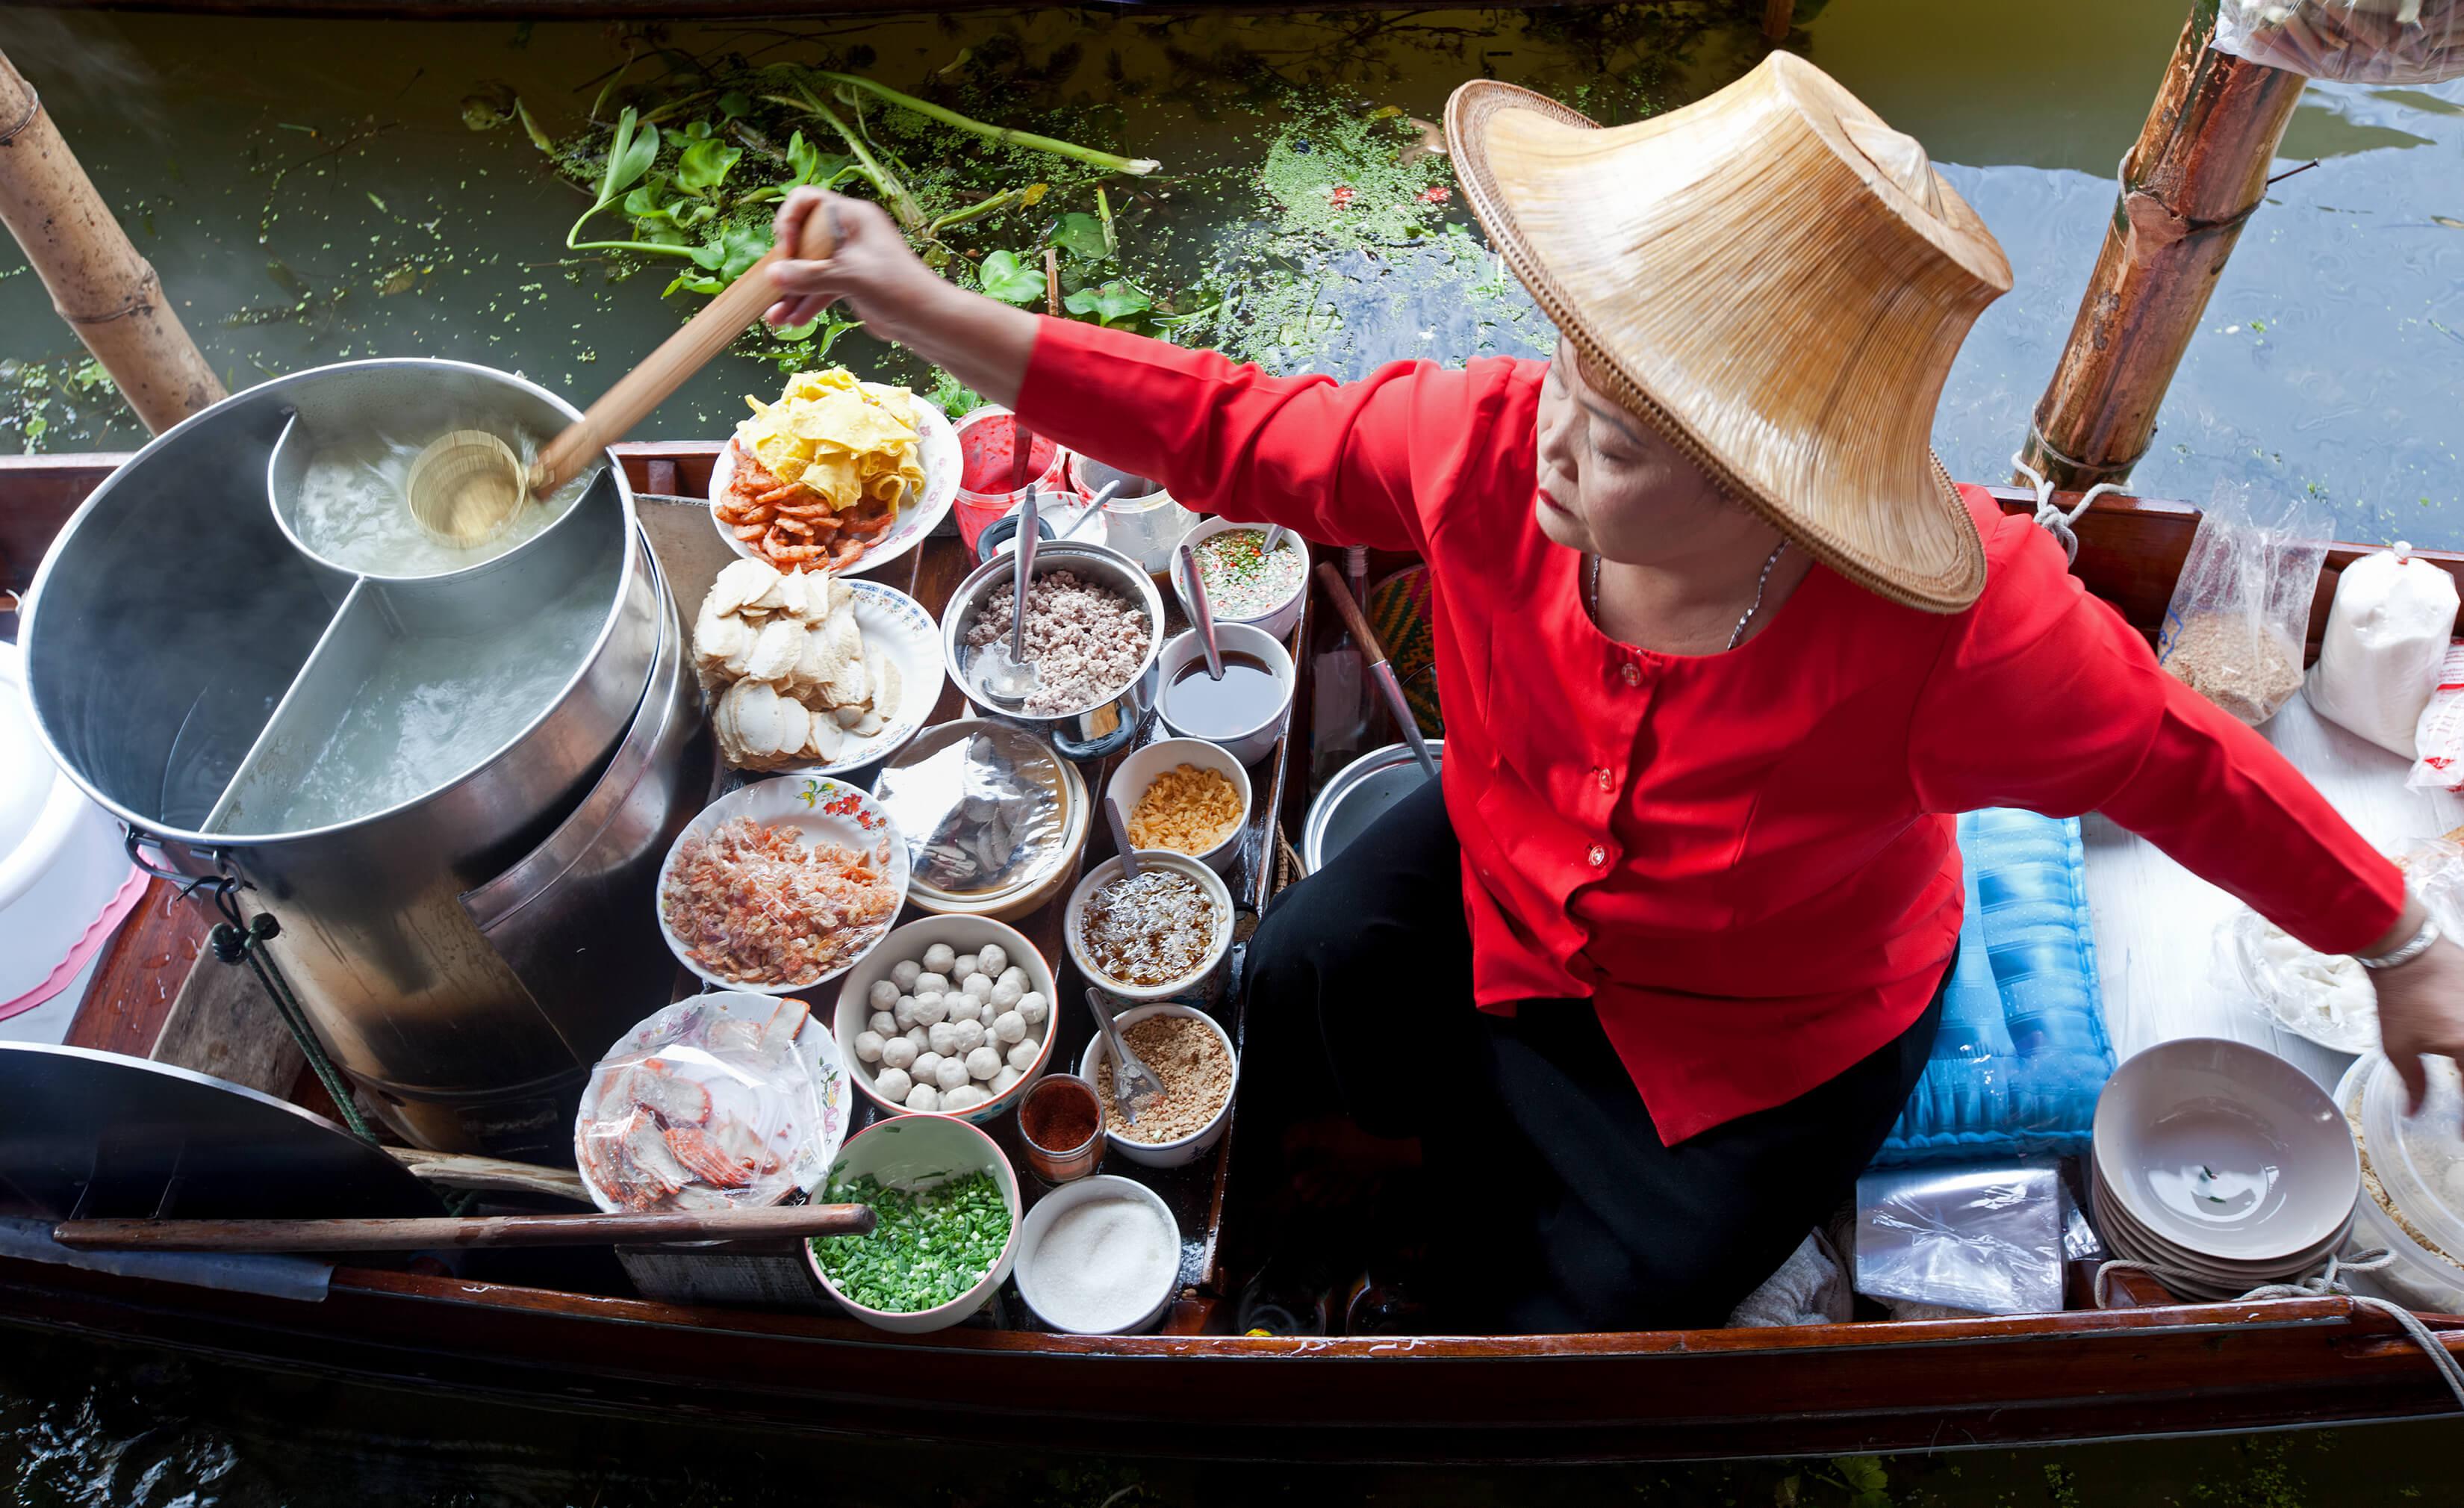 Lady selling food at the floating market in Bangkok - Bangkok street food